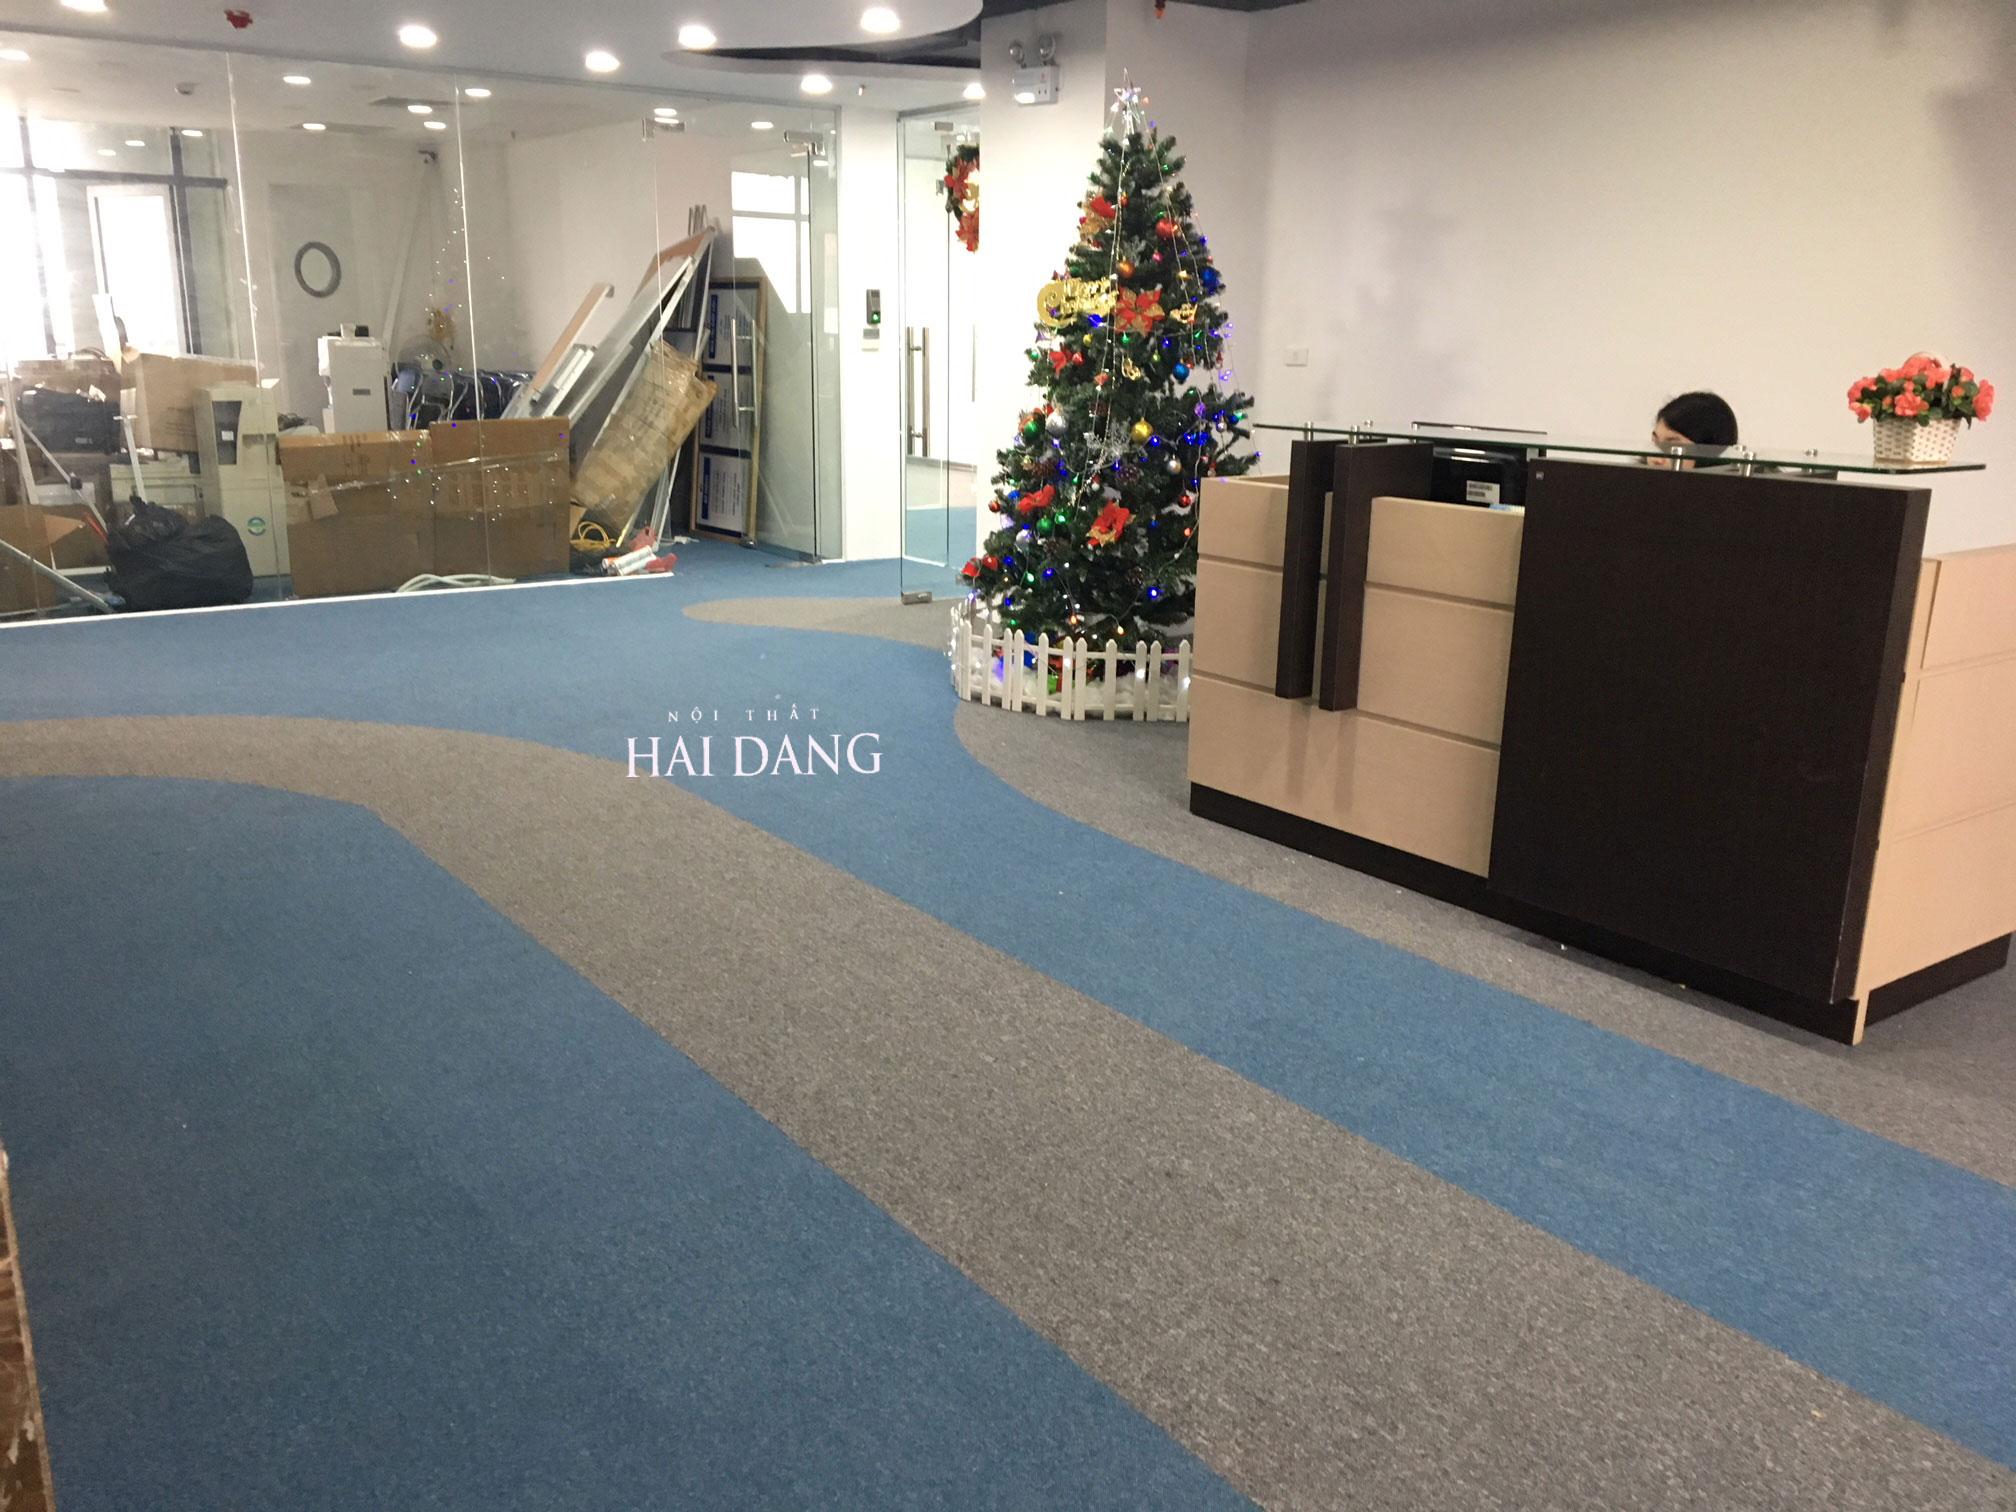 Thiết kế thảm trải sàn văn phòng ?